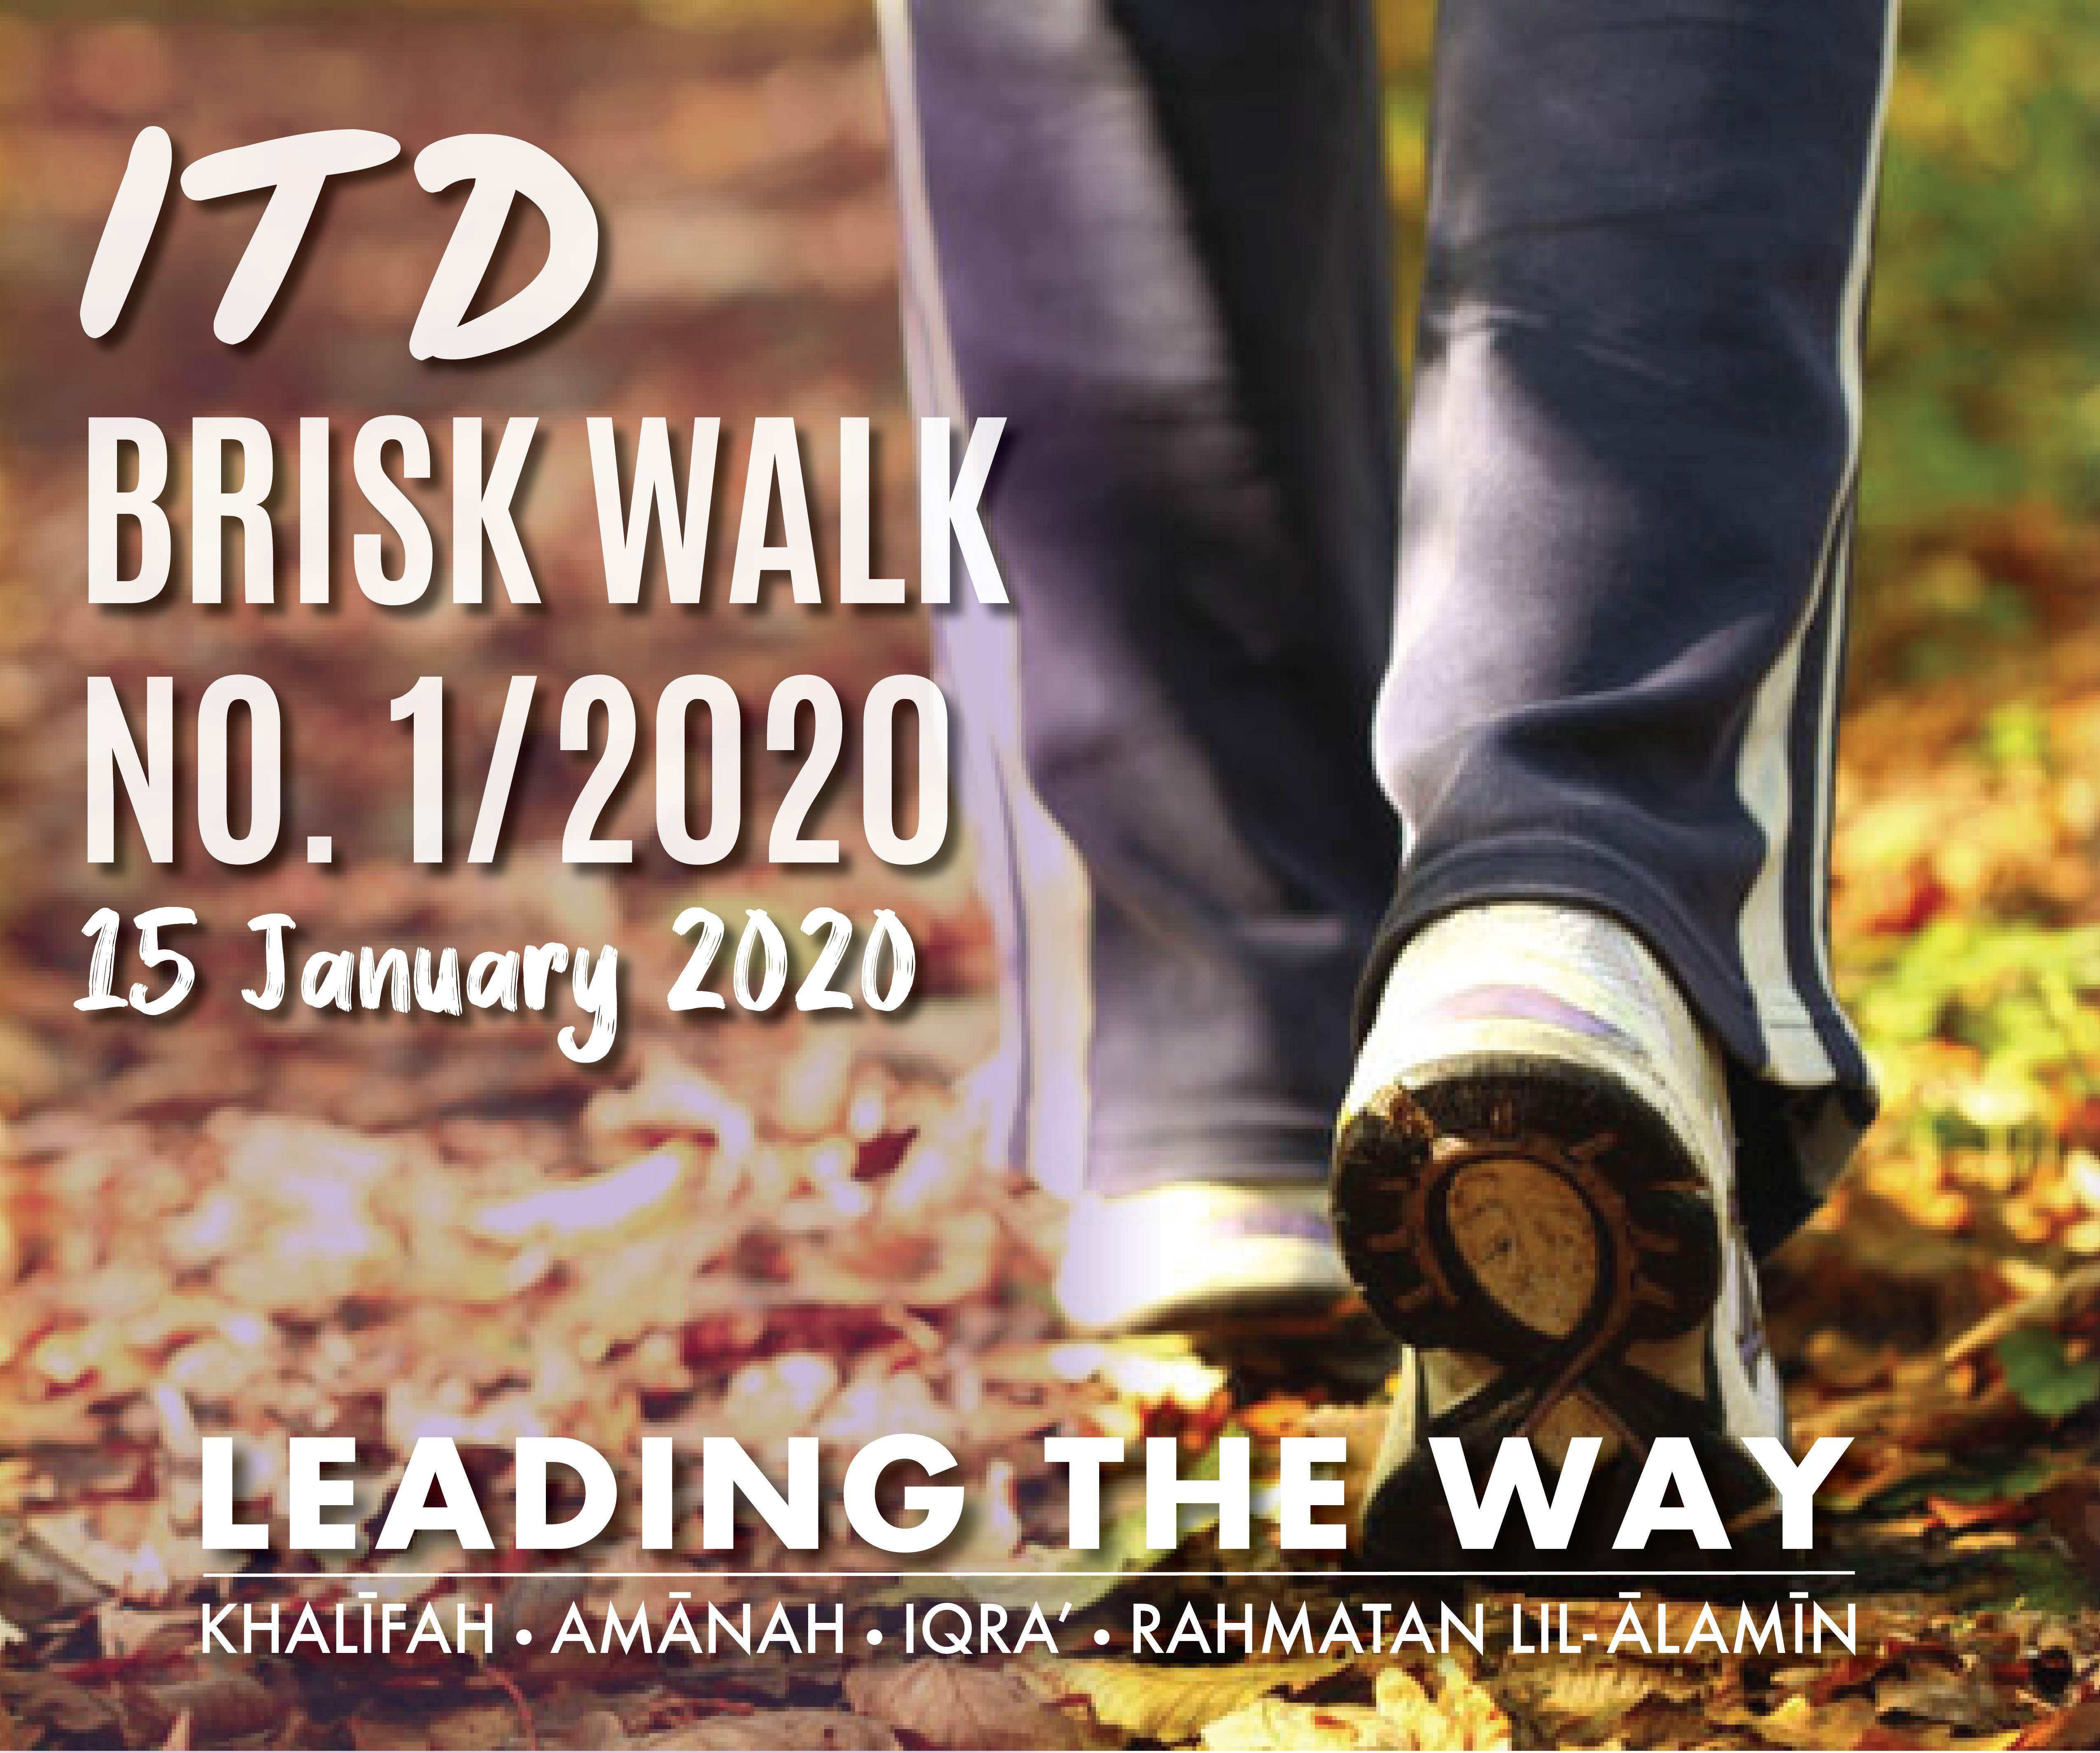 ITD Brisk Walk No.1/2020